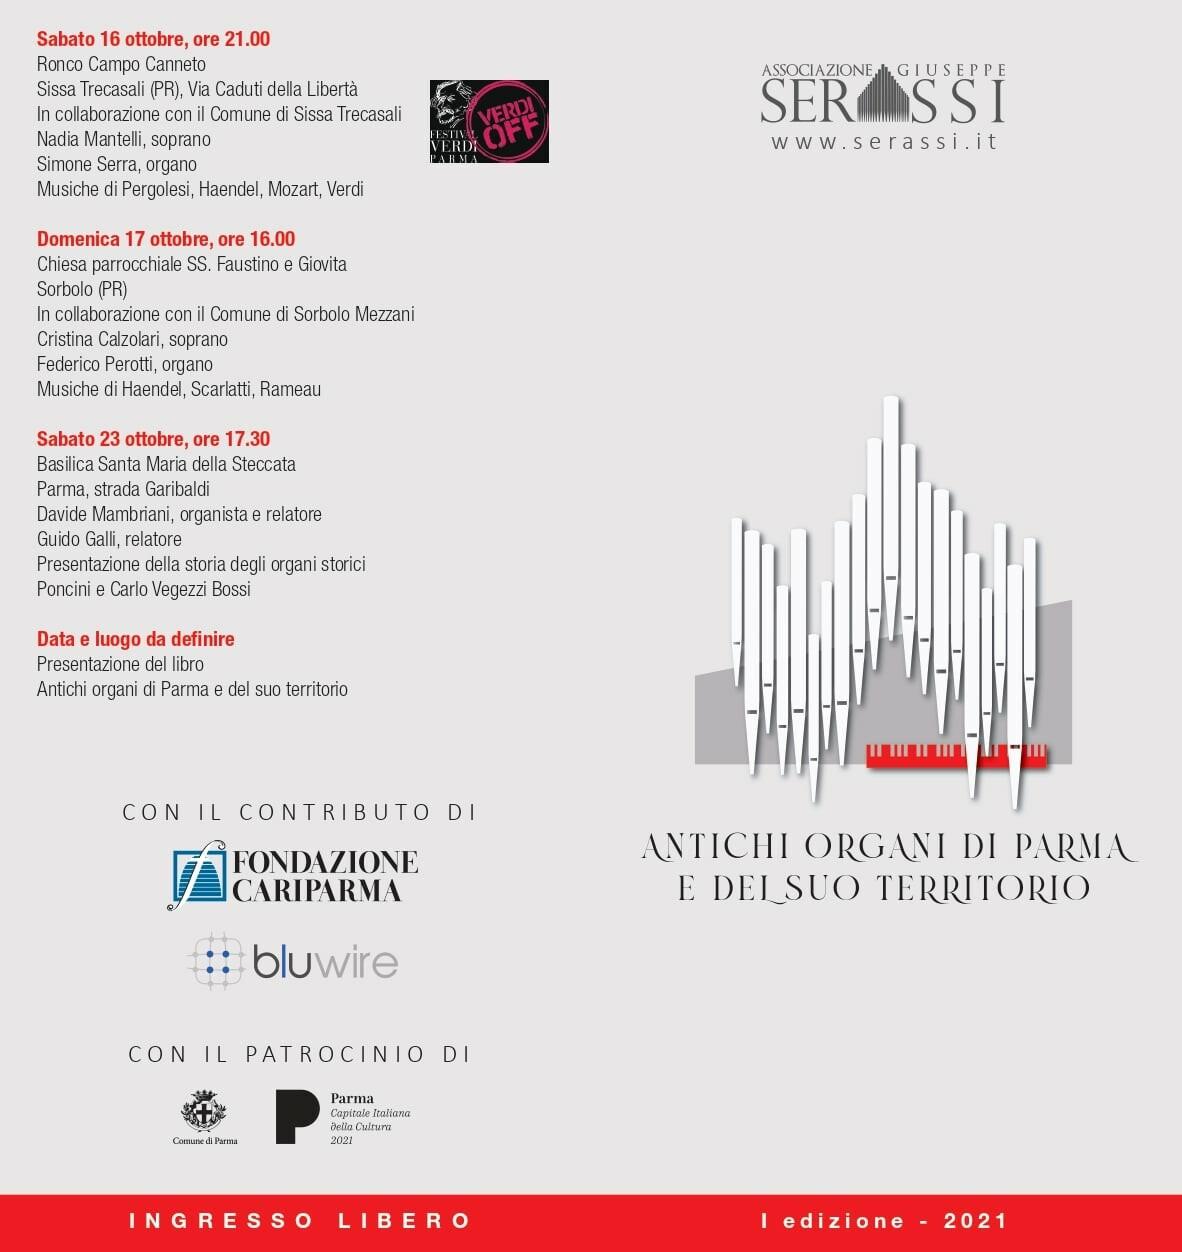 Rassegna Antichi organi di Parma e del suo territorio:  concerto nella Basilica della Steccata a Parma